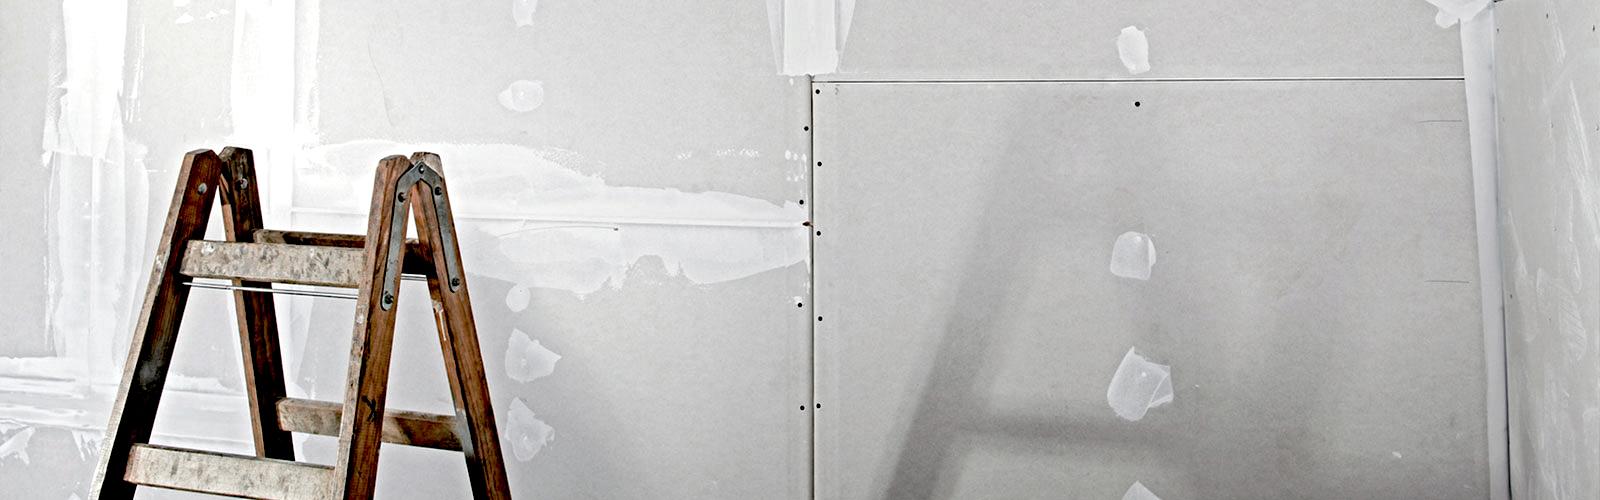 trockenbau und brandschutz von kipp gr nhoff. Black Bedroom Furniture Sets. Home Design Ideas